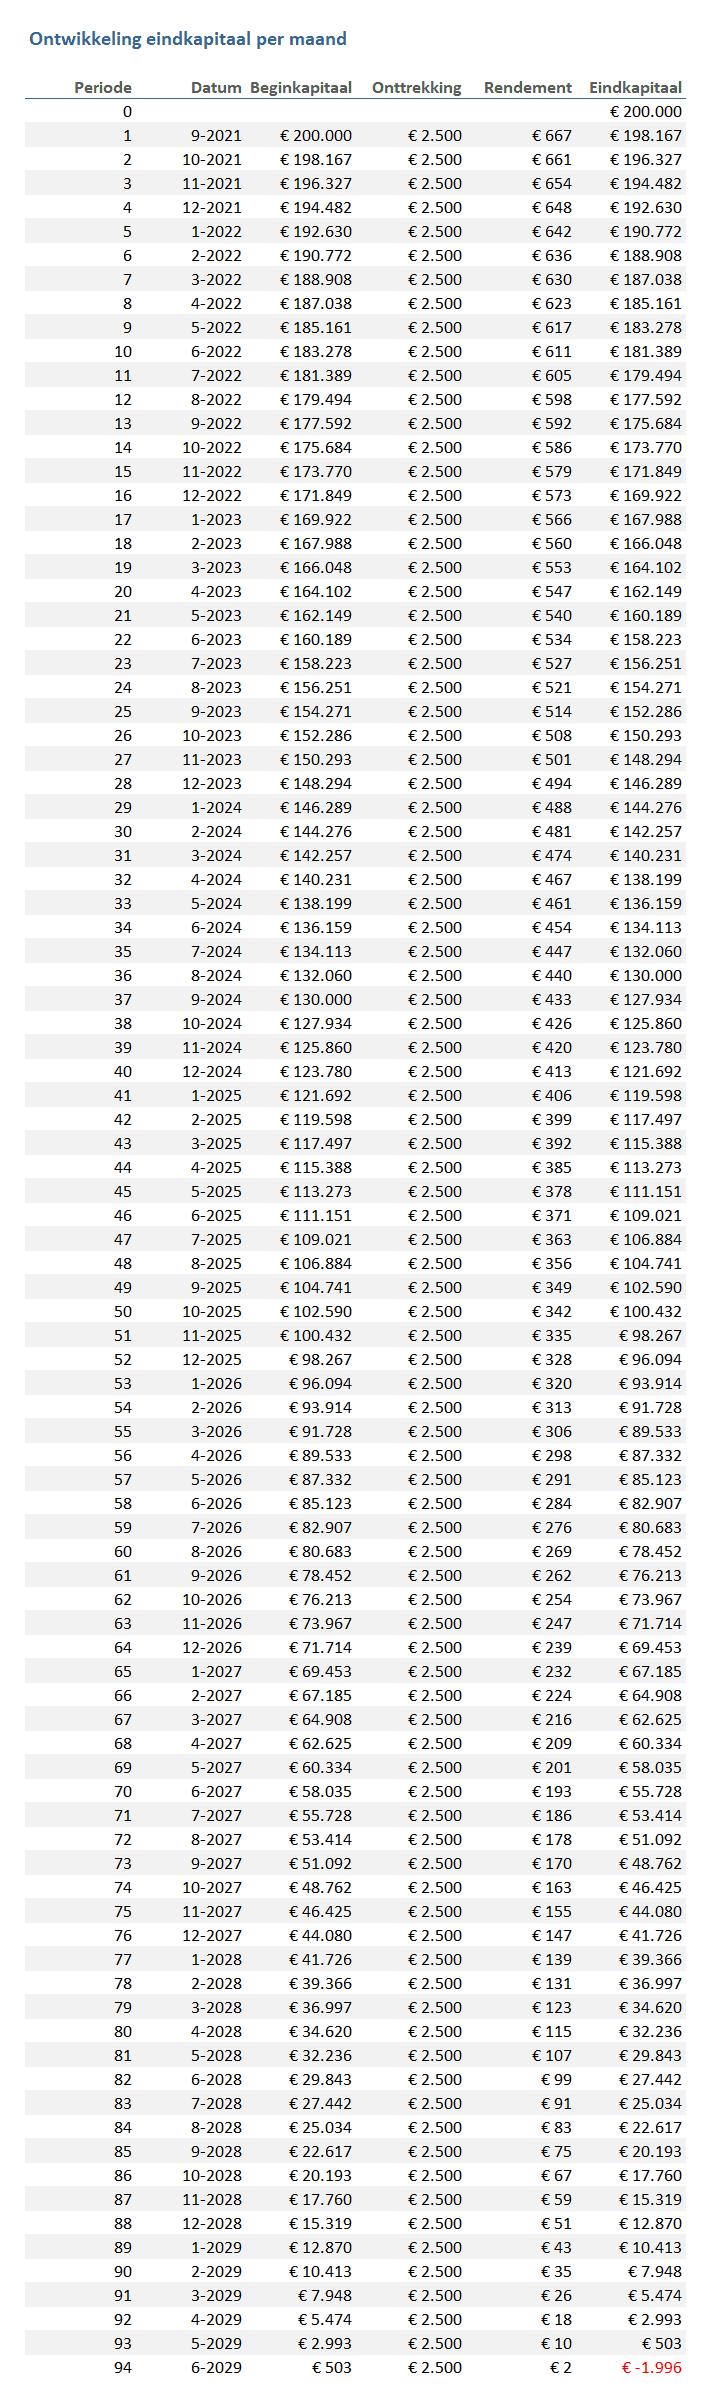 Tabel vermogensafbouw in Excel